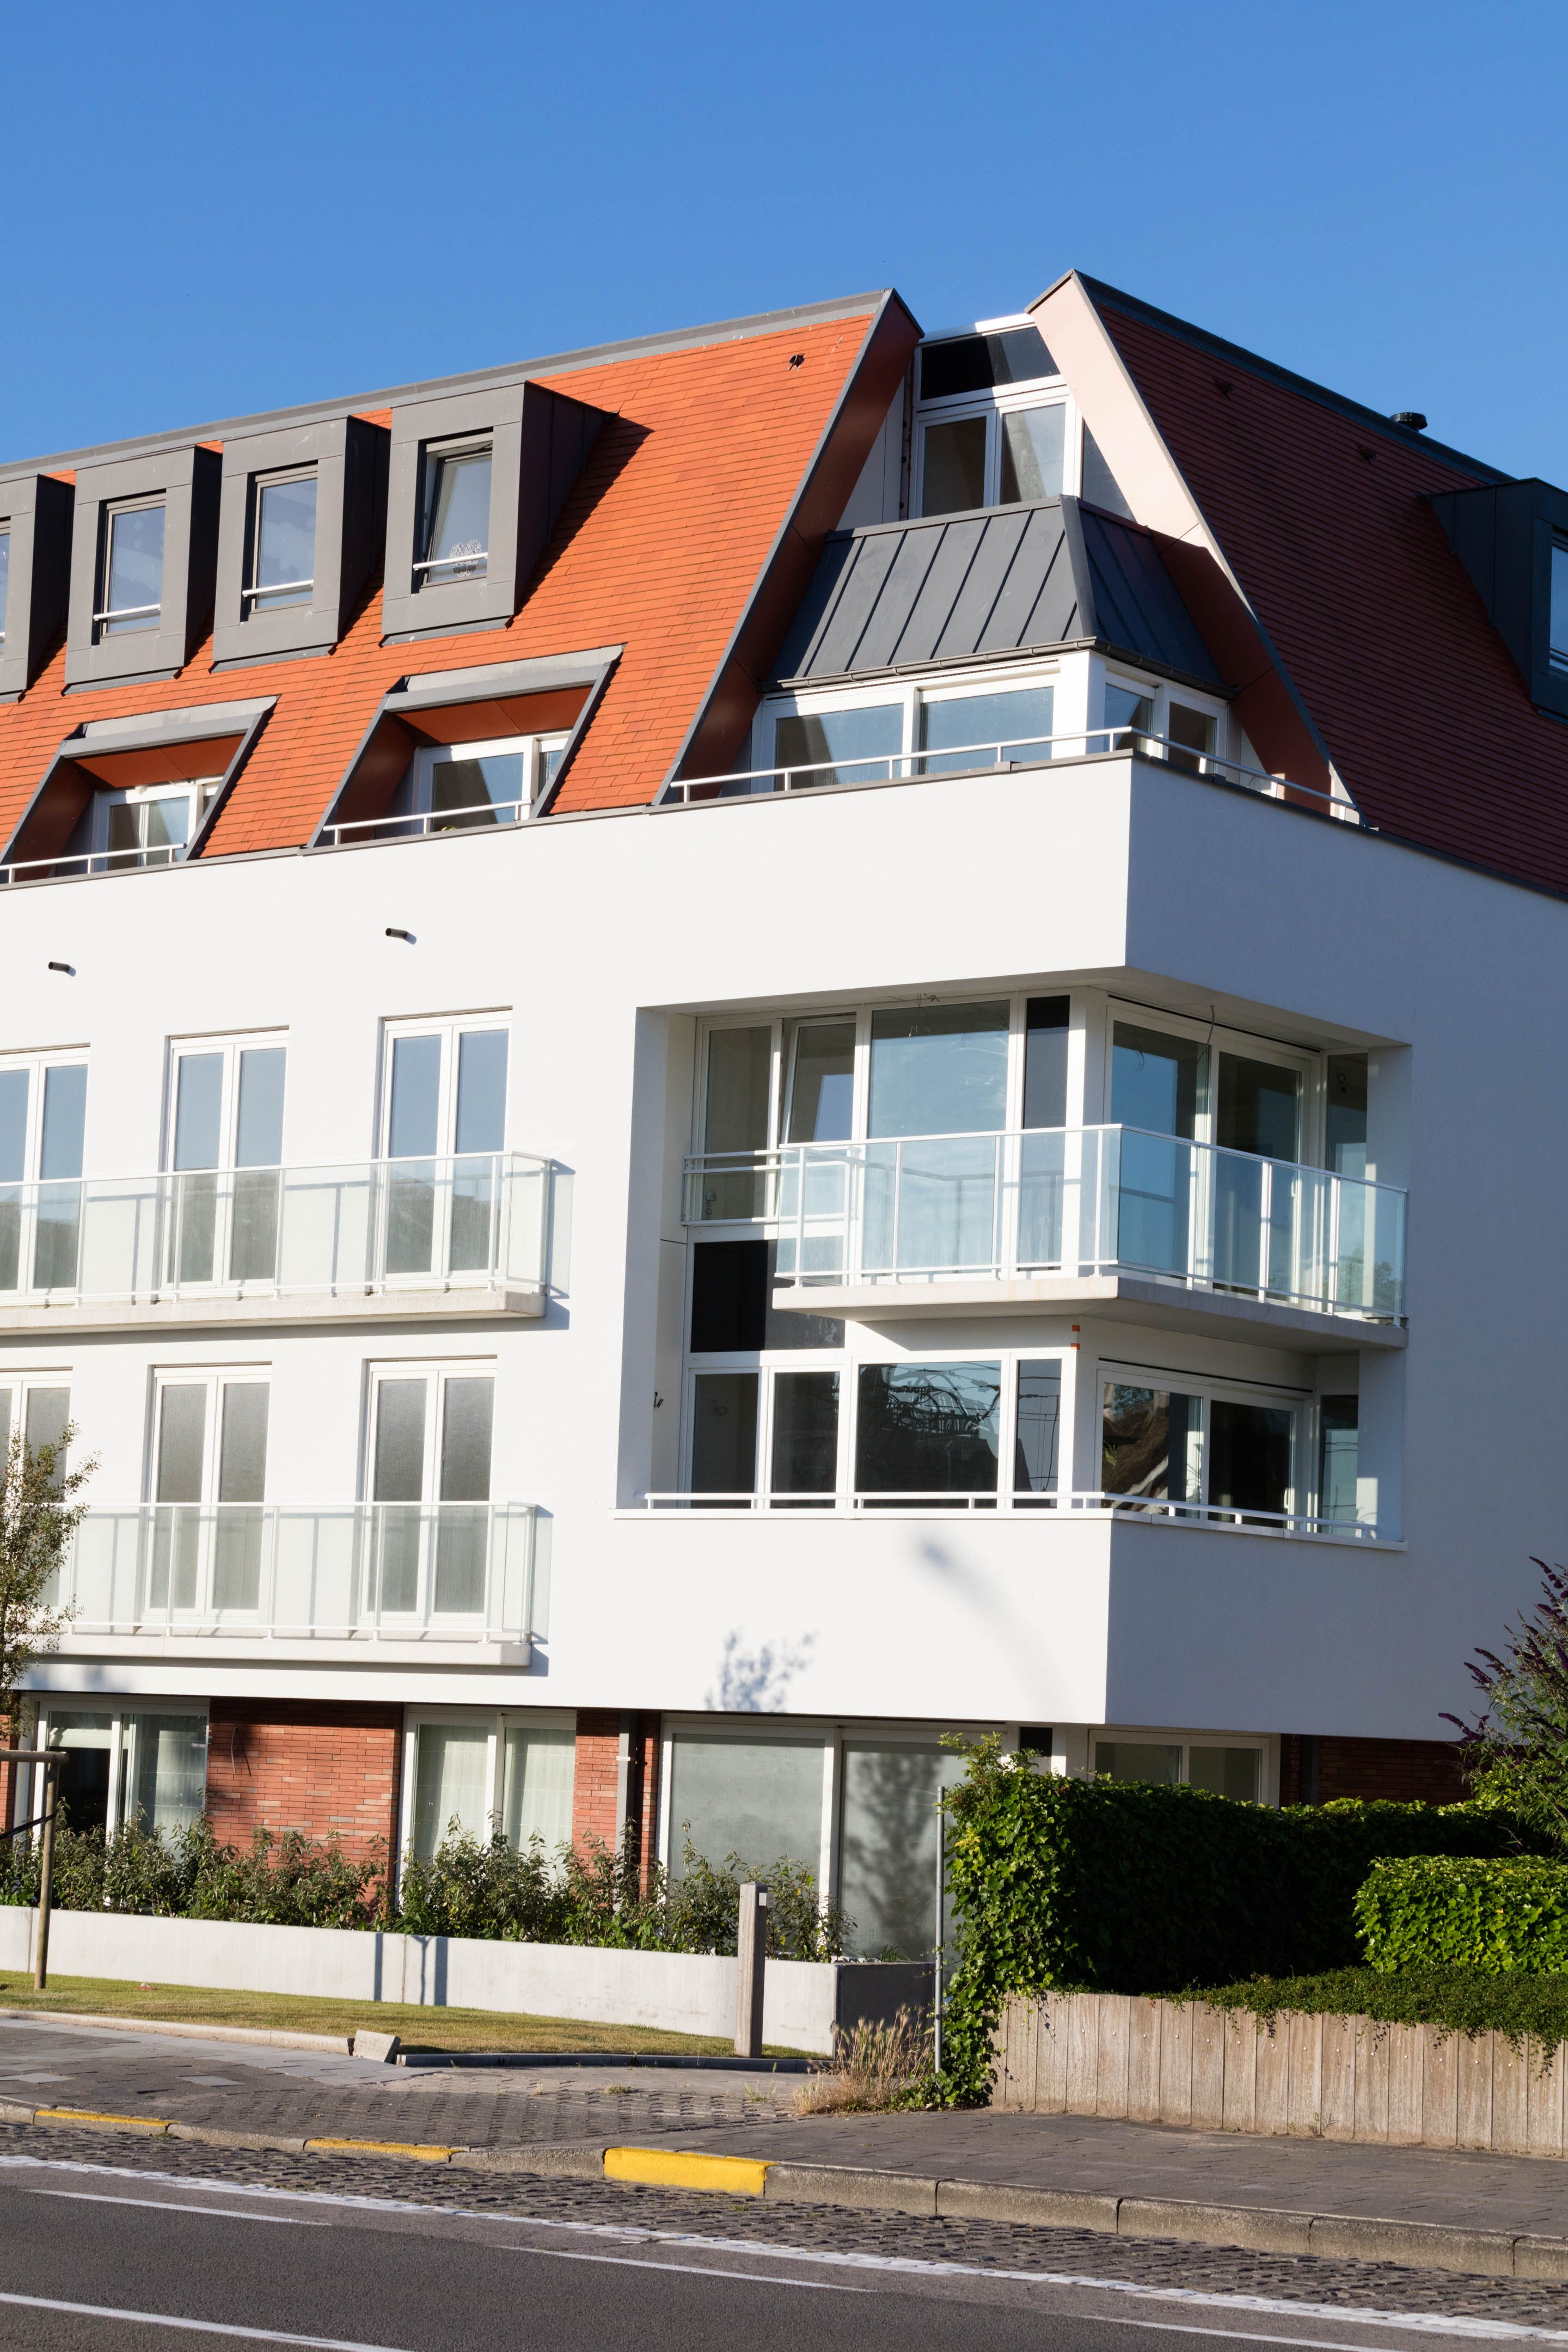 Appartement Residentie Villa Crombez Nieuwpoort - 3557